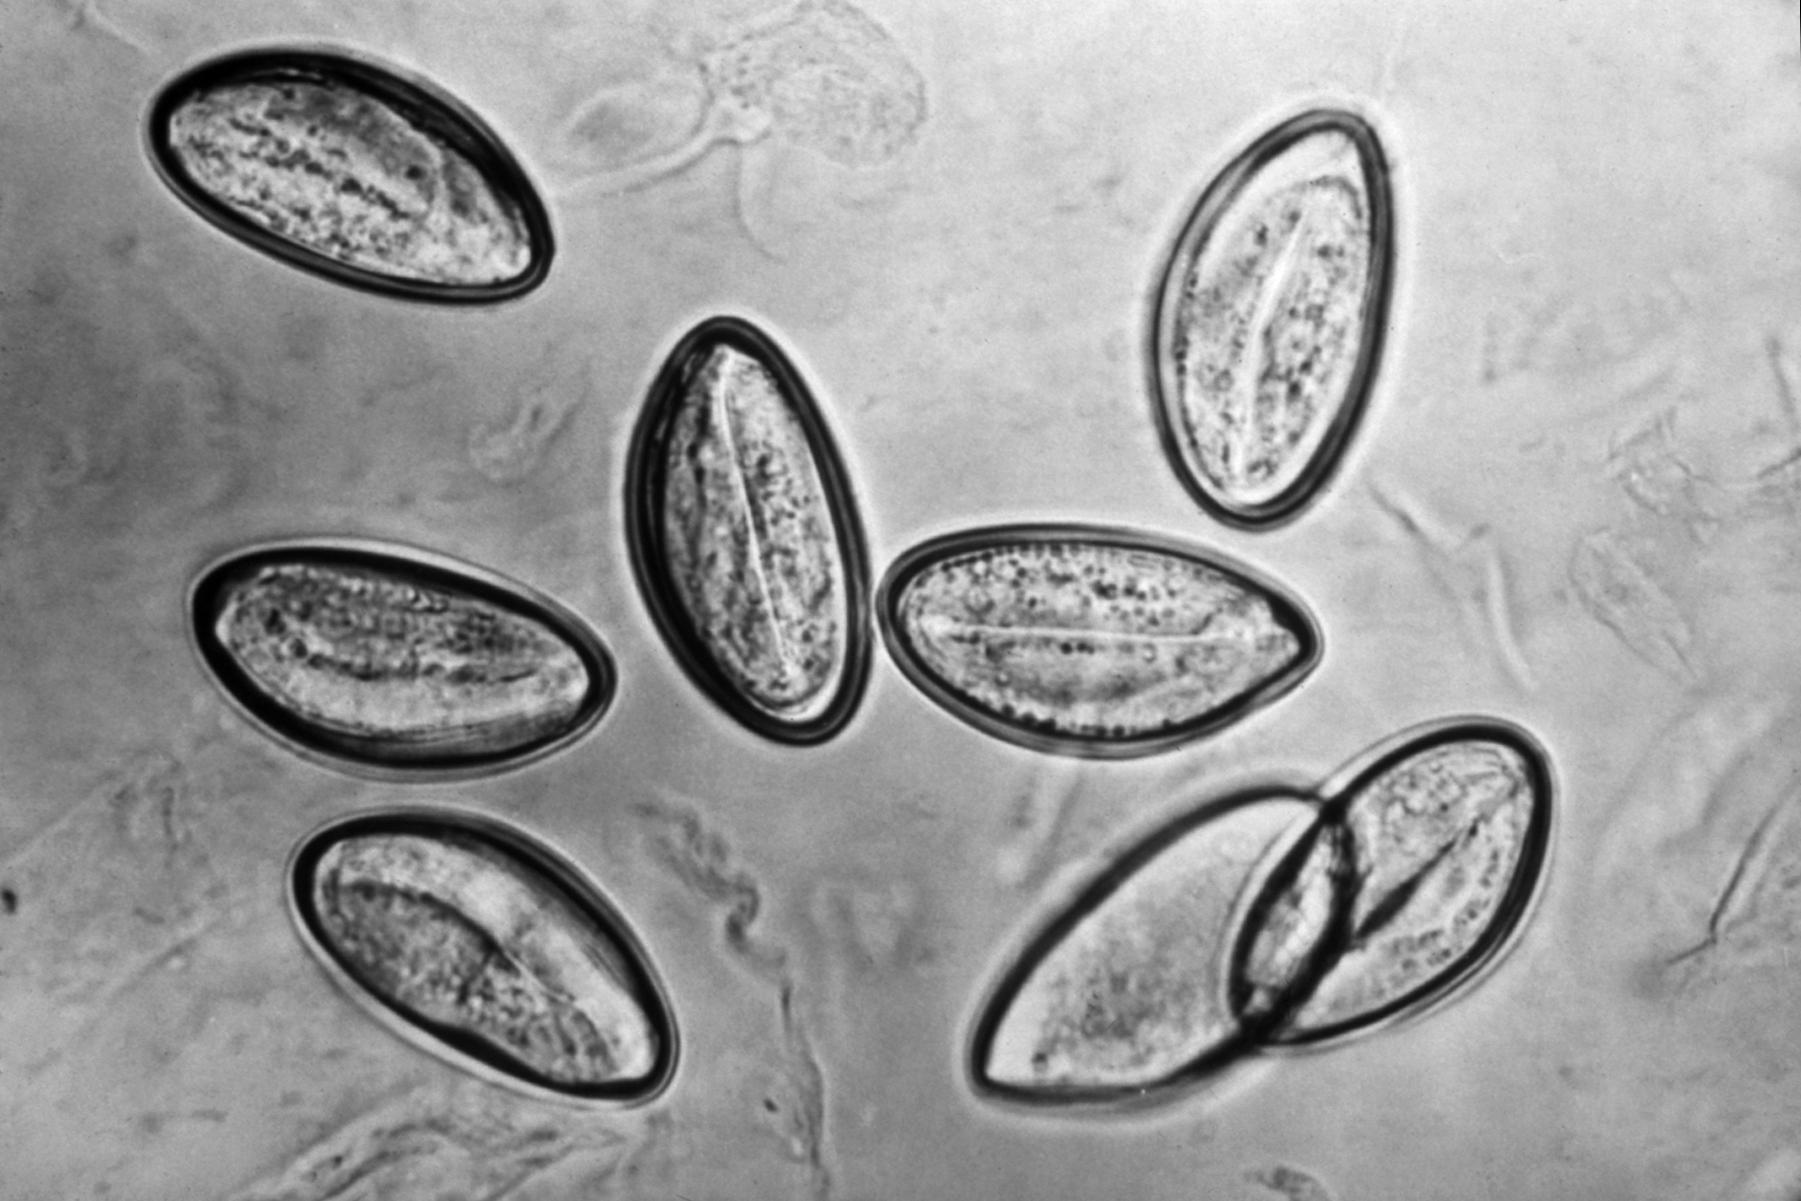 enterobius vermicularis larvas toxine botulique cim 10